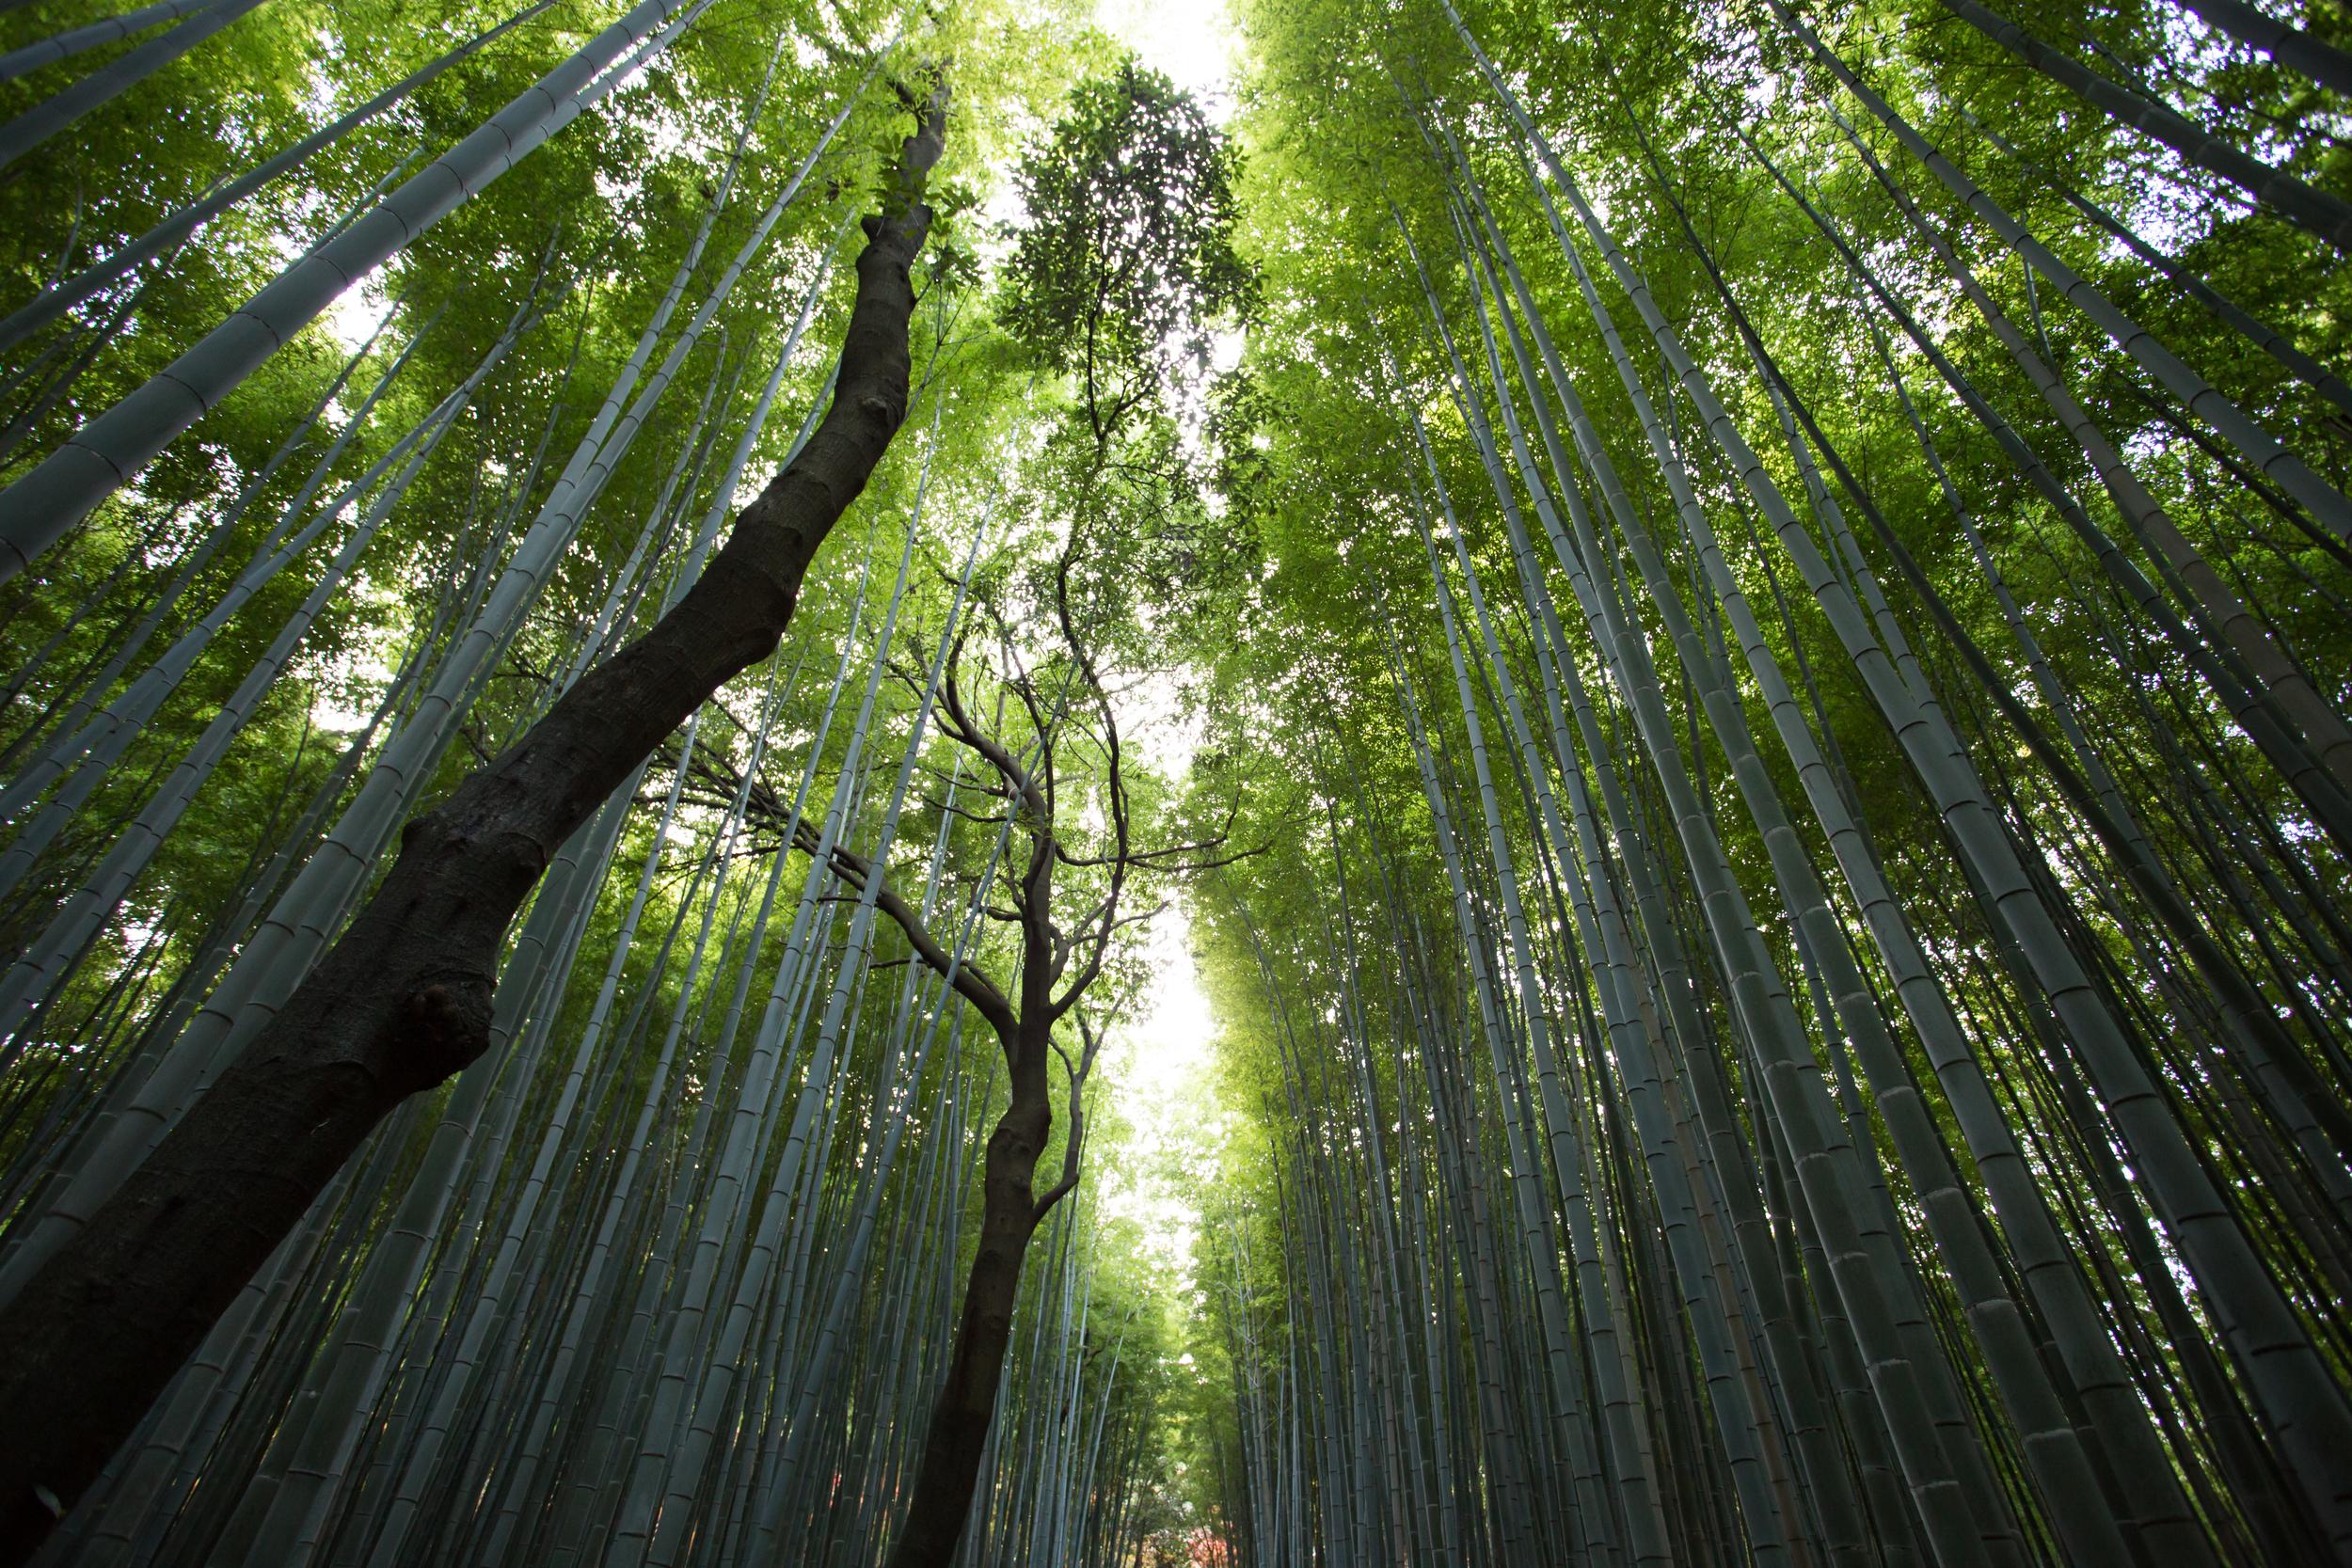 bambooforest.jpeg